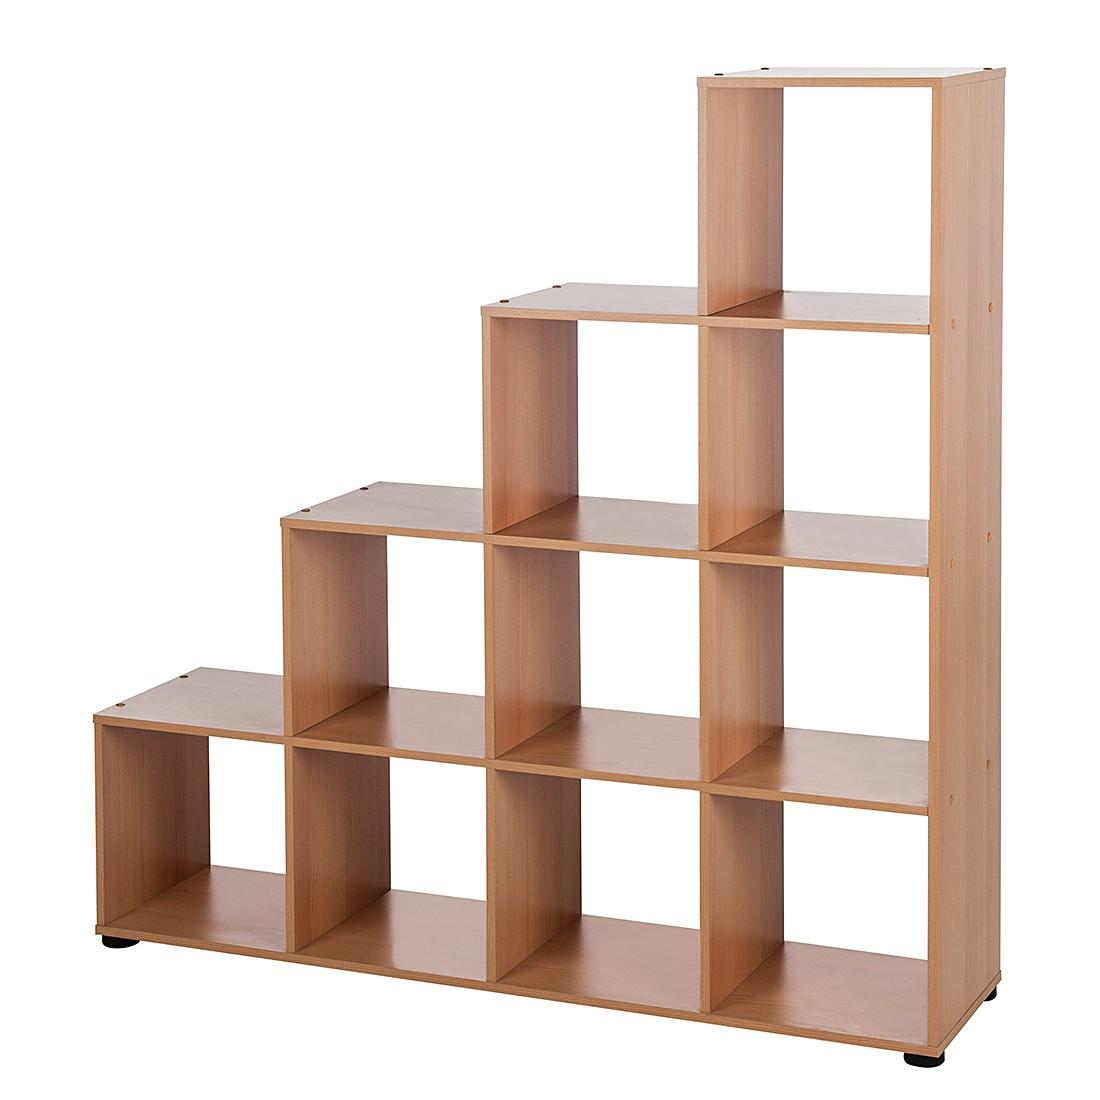 Raumteiler Zoria -  Buche Dekor - 10 Fächer (Raumteiler Zoria - 10 Fächer/4 Abstellflächen - Buche-Dekor)